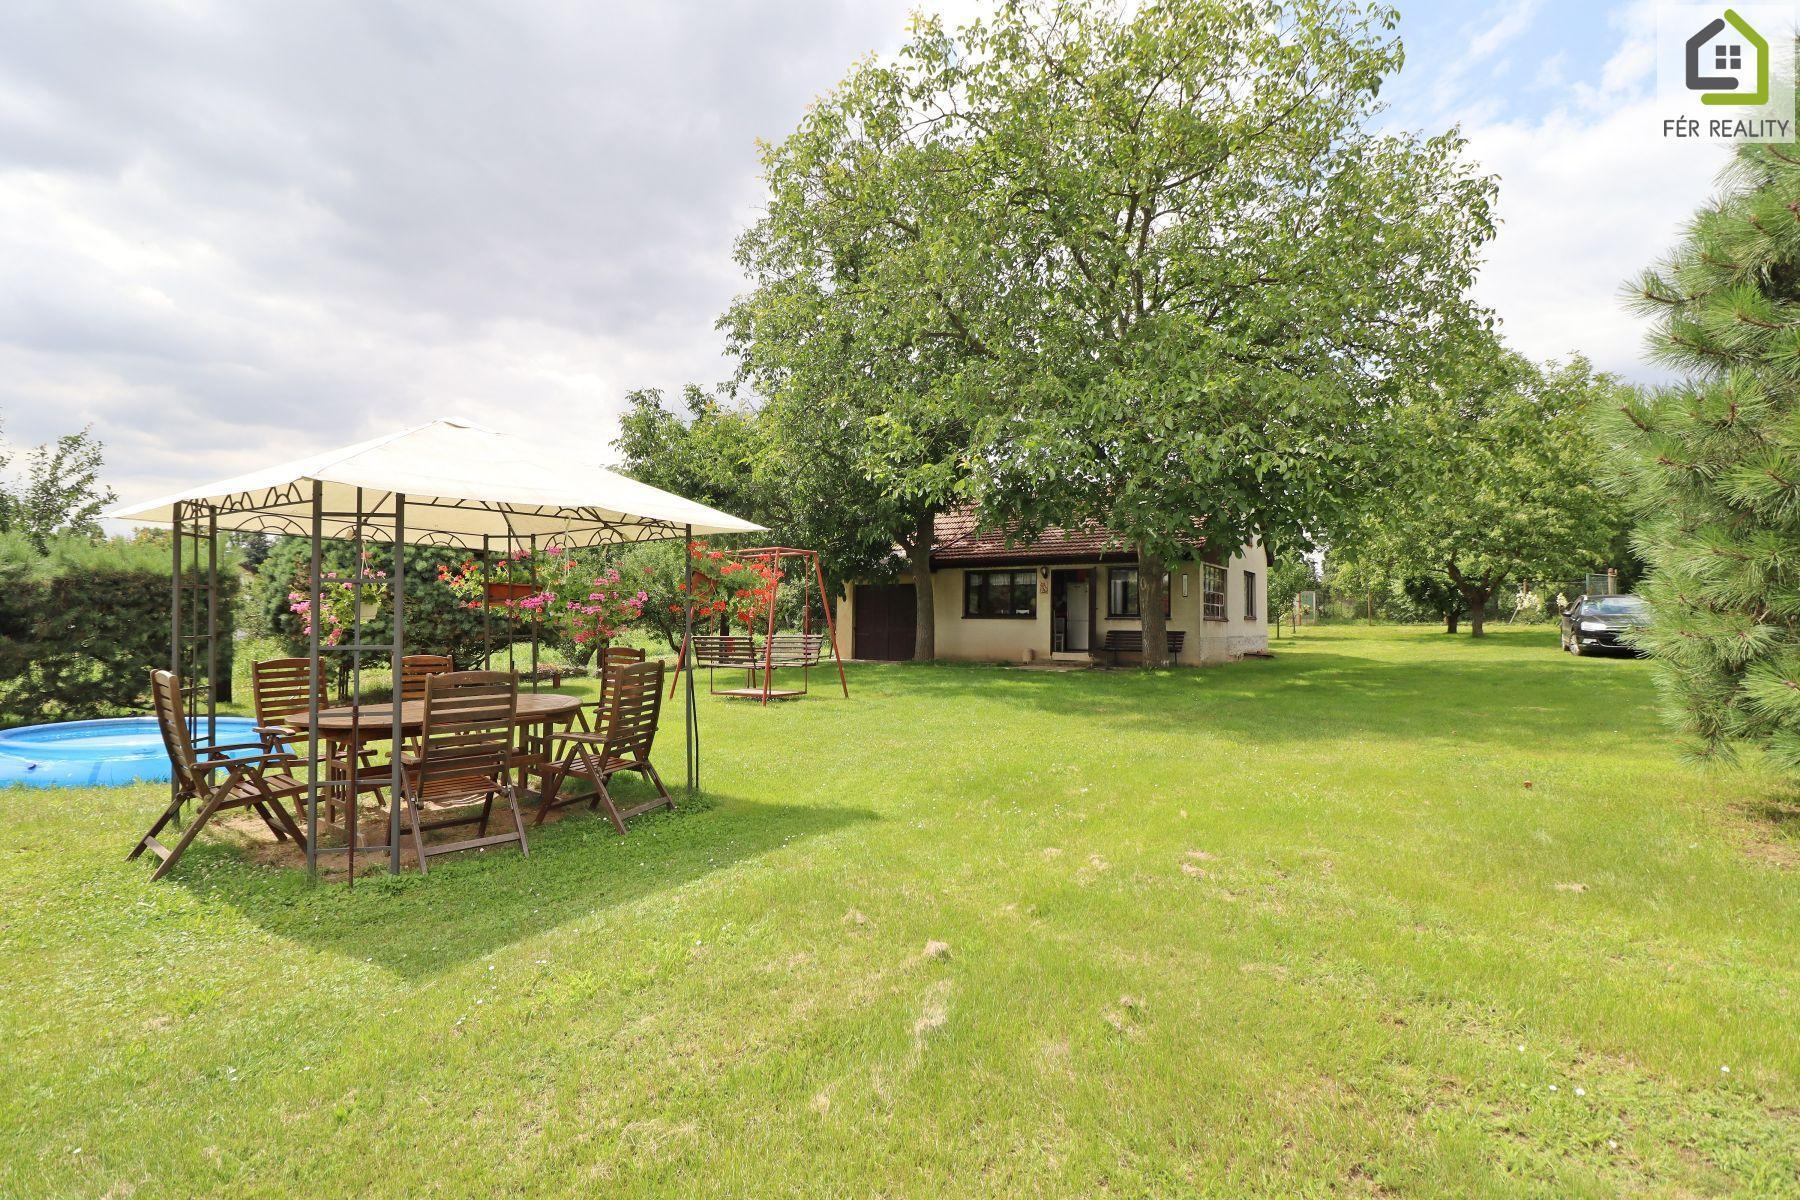 Prodej chaty 80 m2, pozemek 3562m2